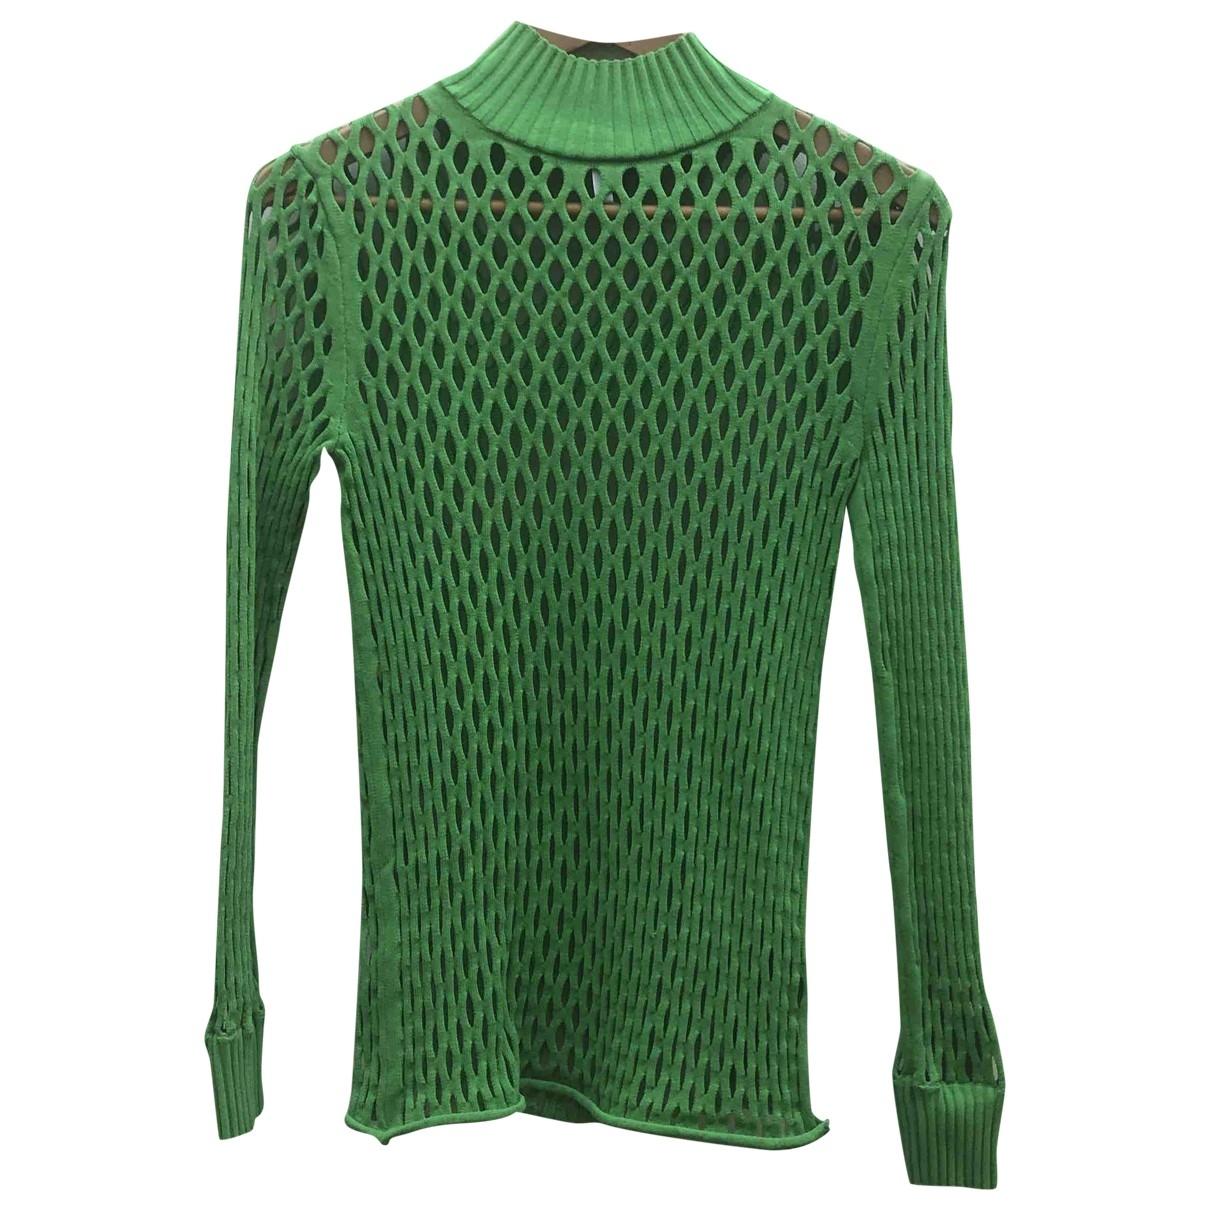 Topshop Boutique - Pull   pour femme - vert